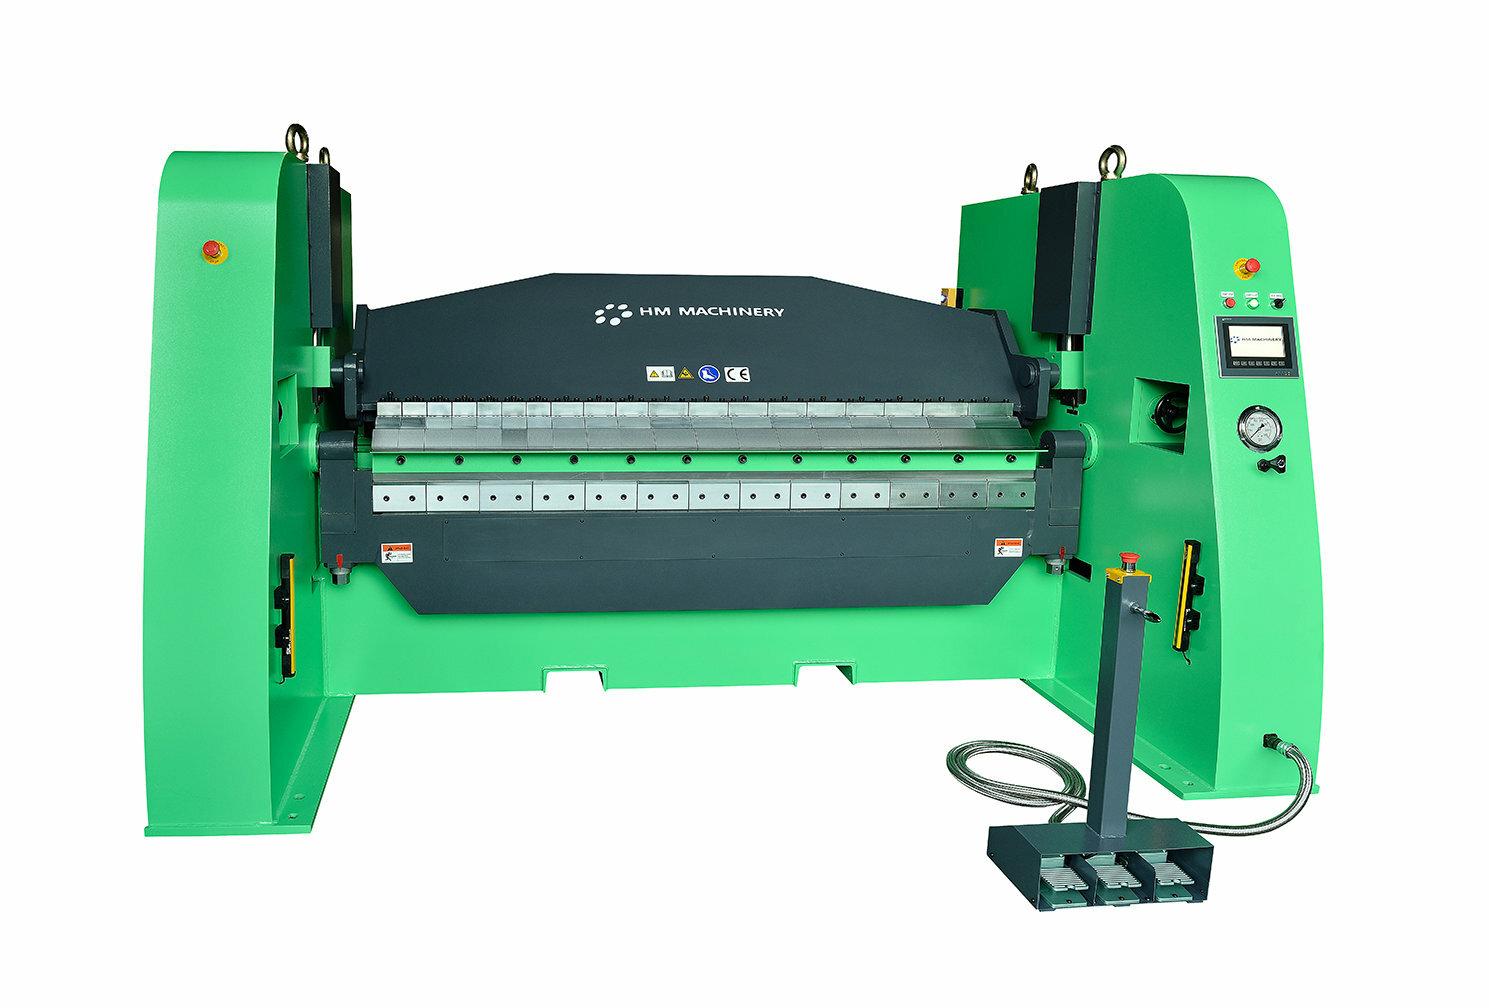 Hydrauliczna zaginarka do blachy Scantool - HM Machinery 2000-80S - długość robocza 2035 x 8,0mm